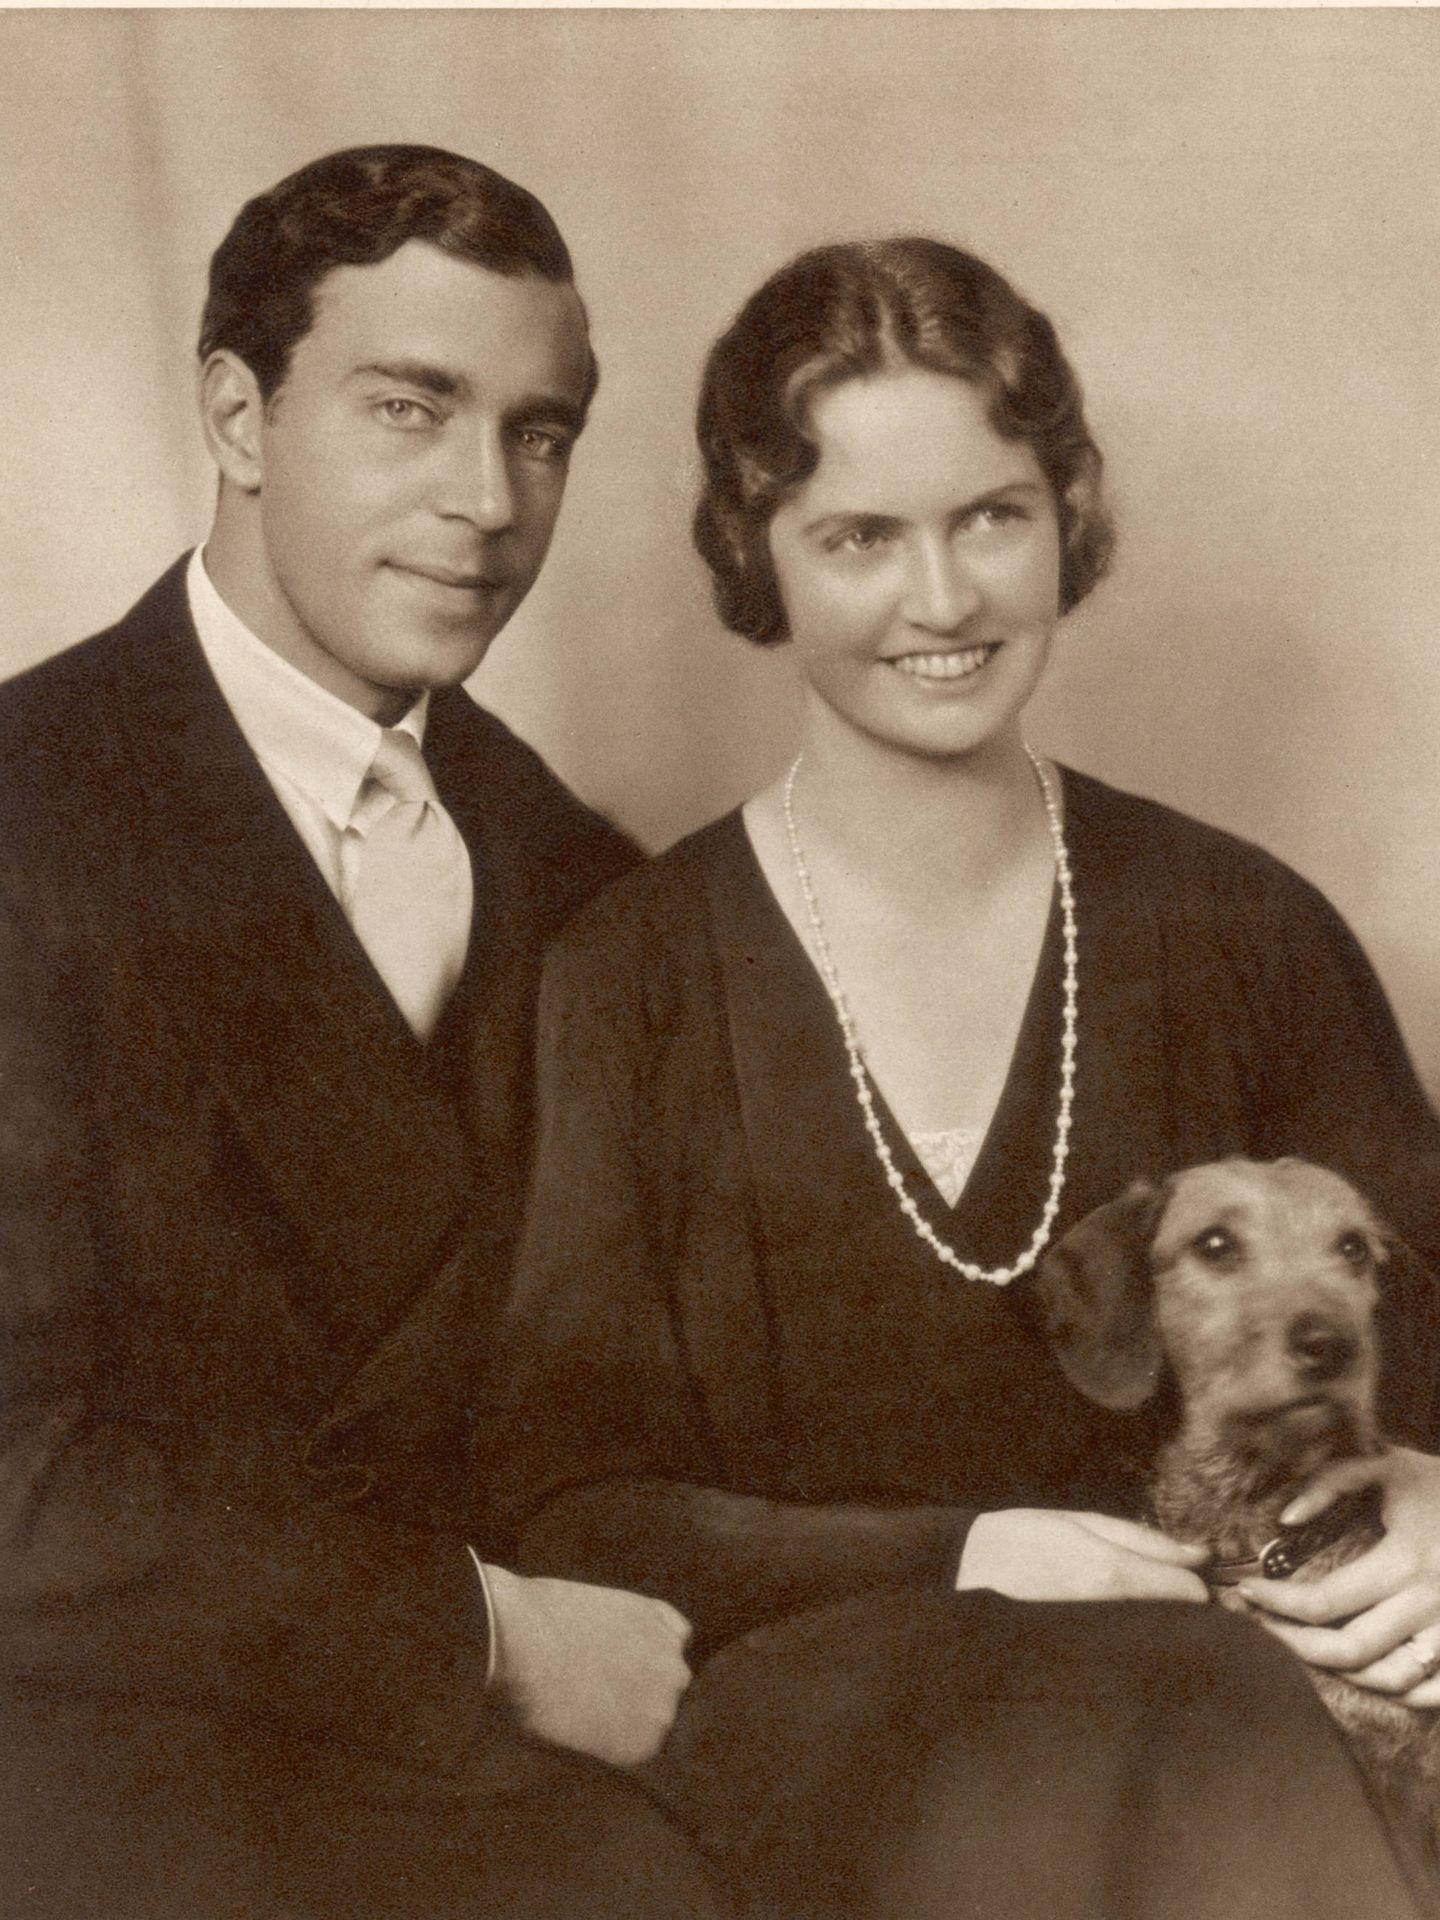 El príncipe Gustavo Adolfo y su mujer, la princesa Sibila. (Cordon Press)